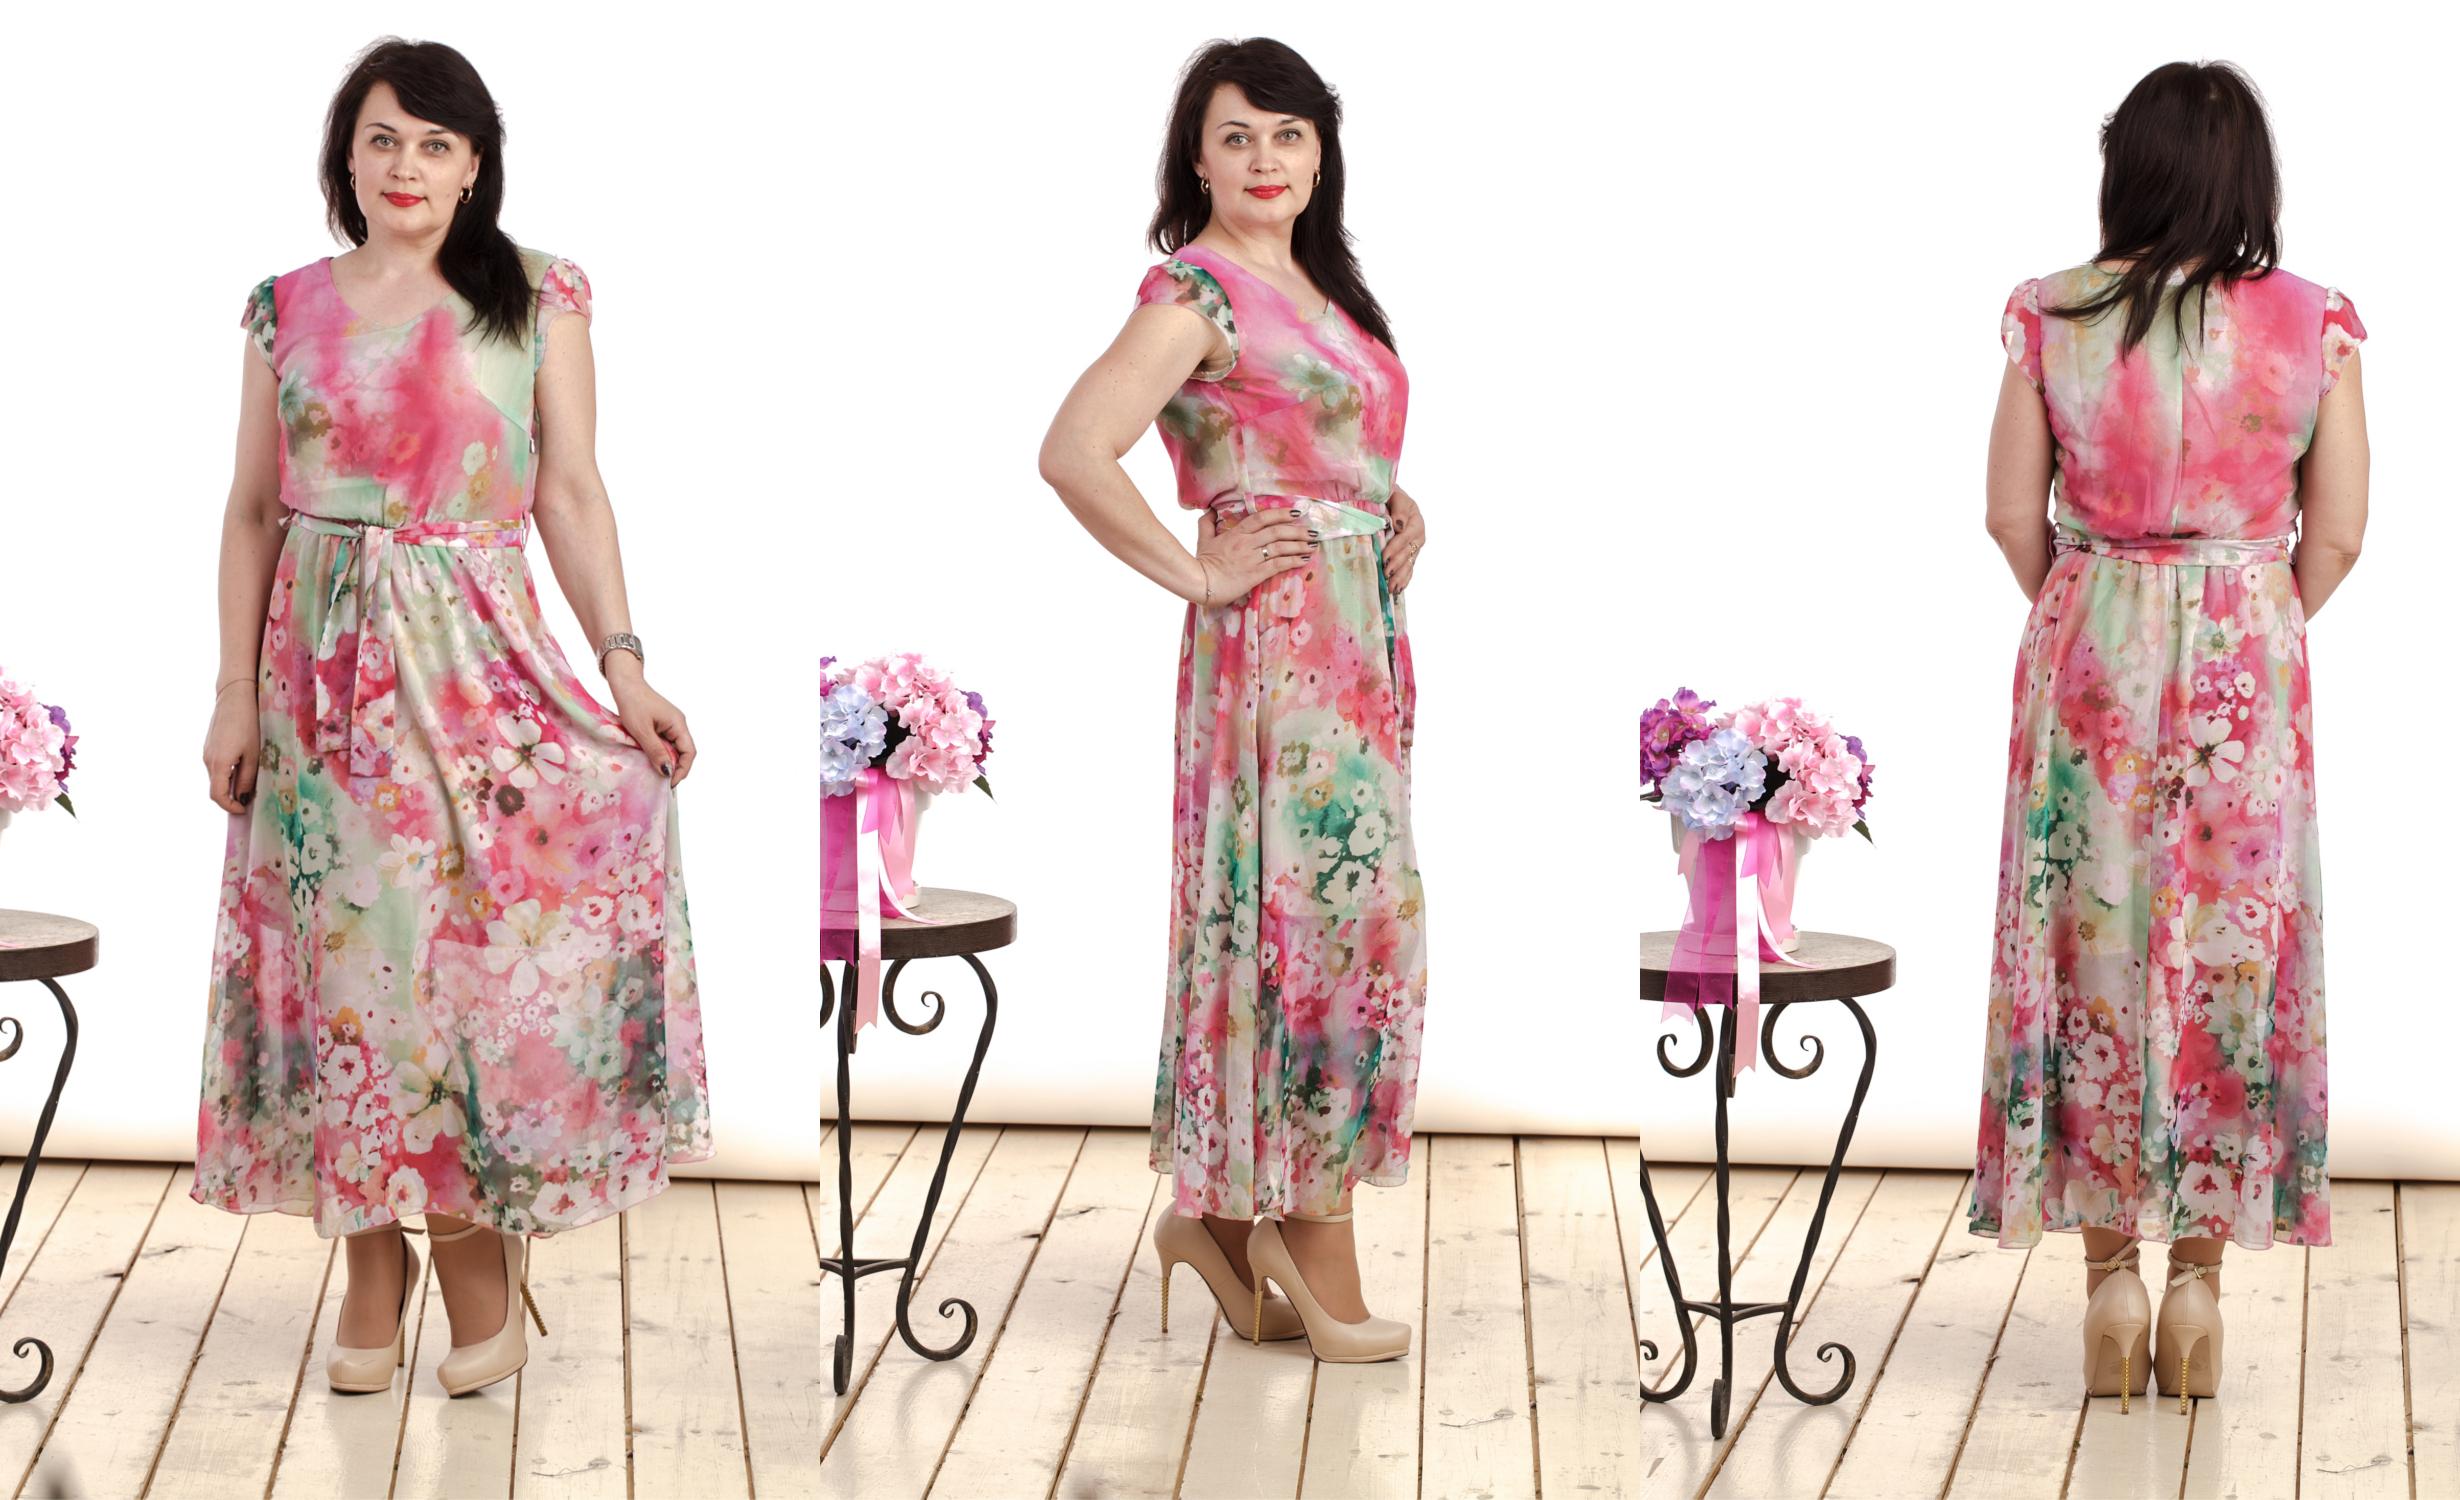 Cбор заказов. Платья, платья платья, различные модели на любую фигуру, Размеры 42-60, очень много новых моделей блузок, платьев, сарафанов, готовимся встречать лето самыми нарядными-21